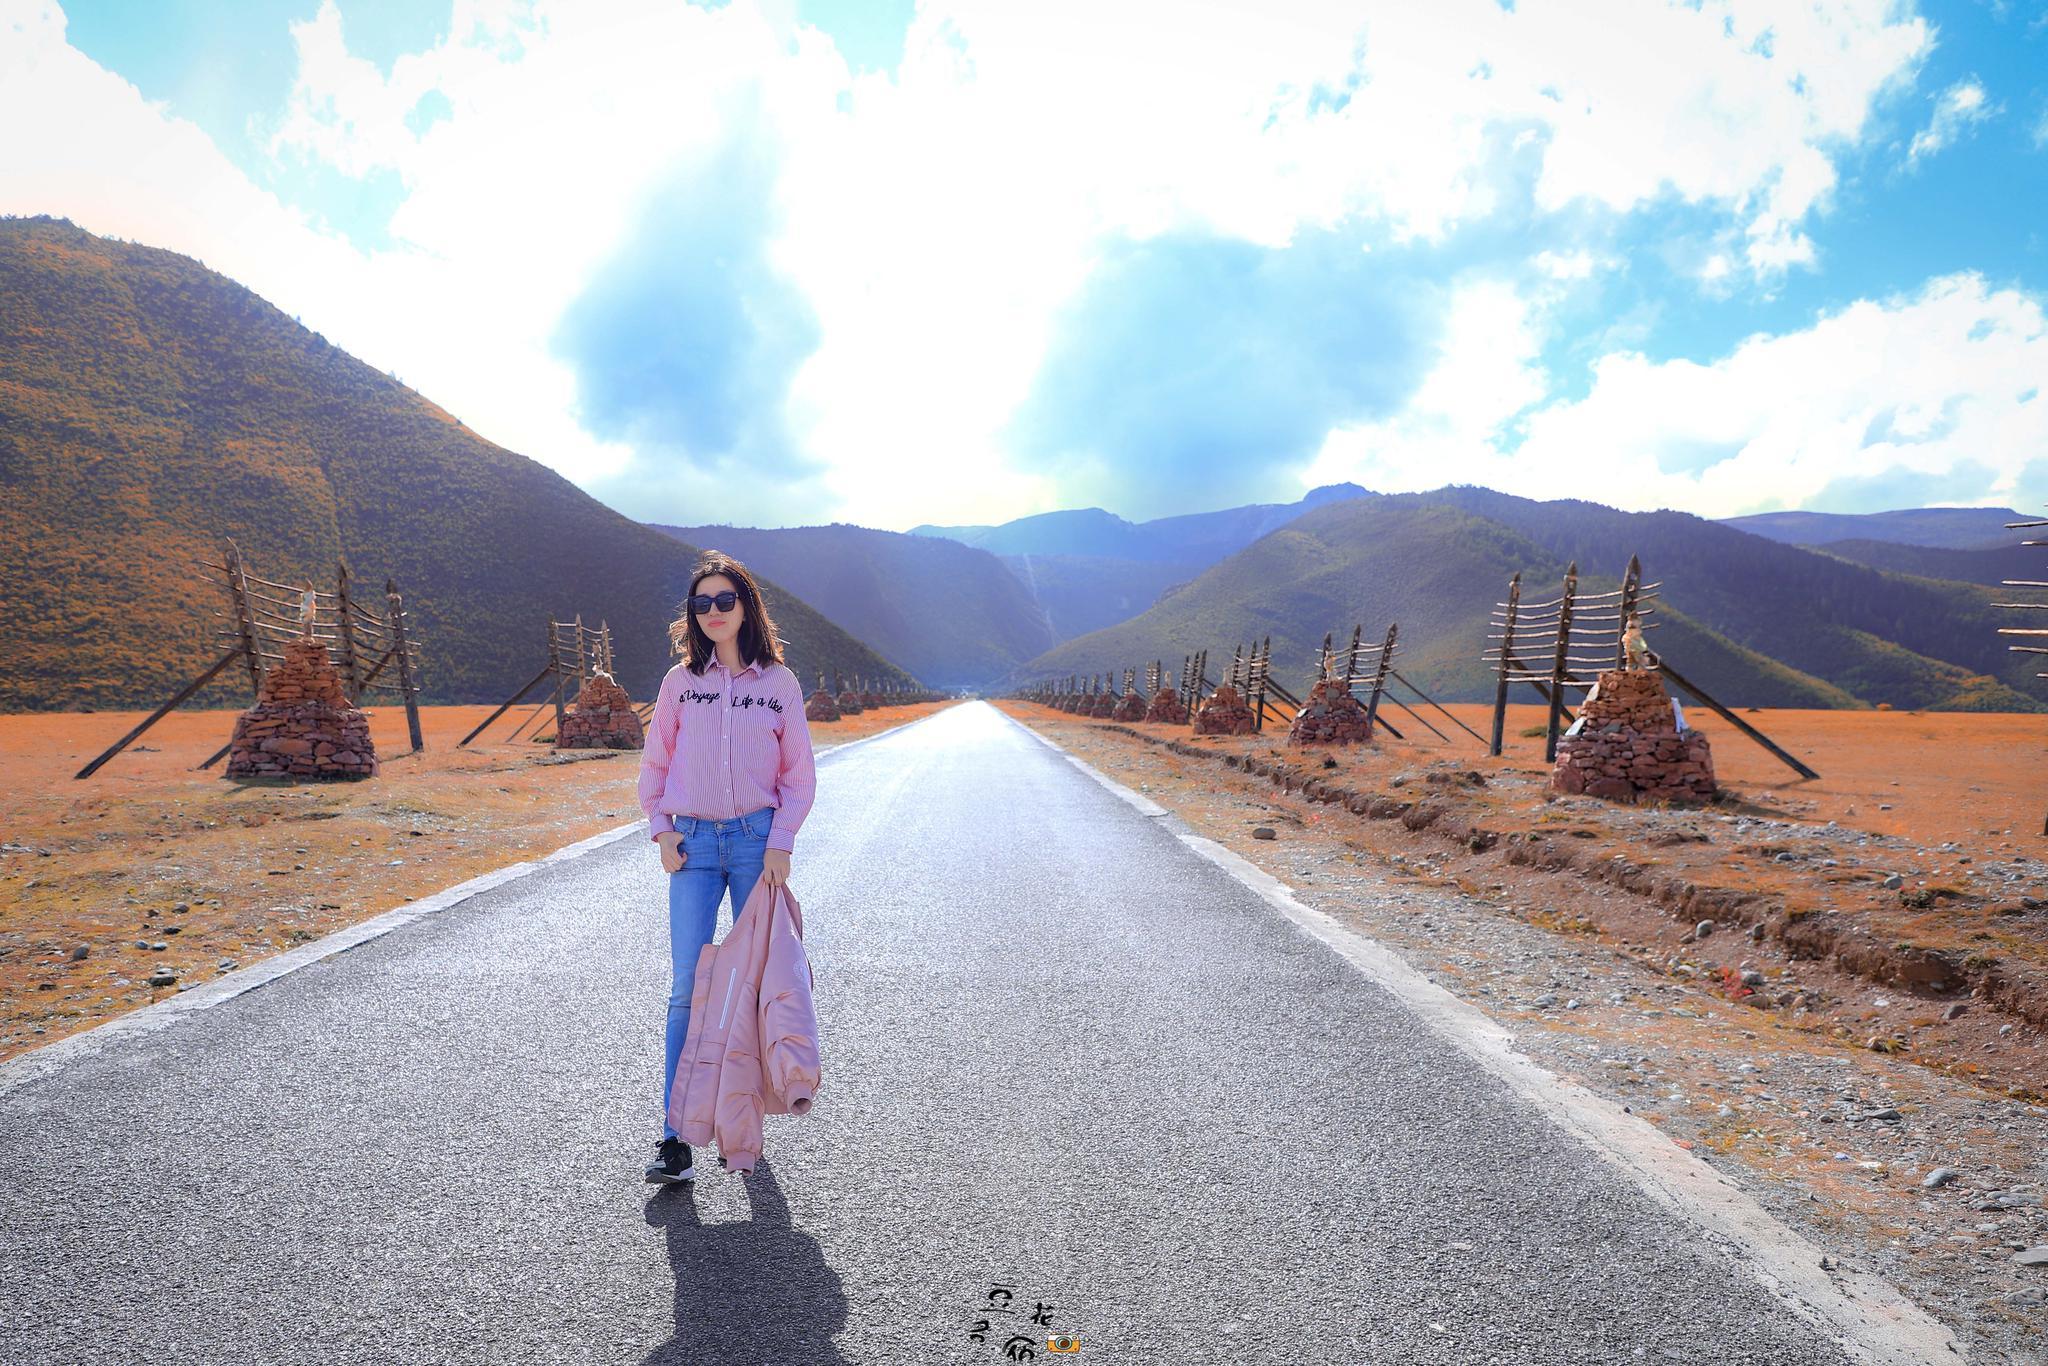 丽江前往香格里拉的那条路依然很美,少了荆棘丛生,多了璀璨绚烂。